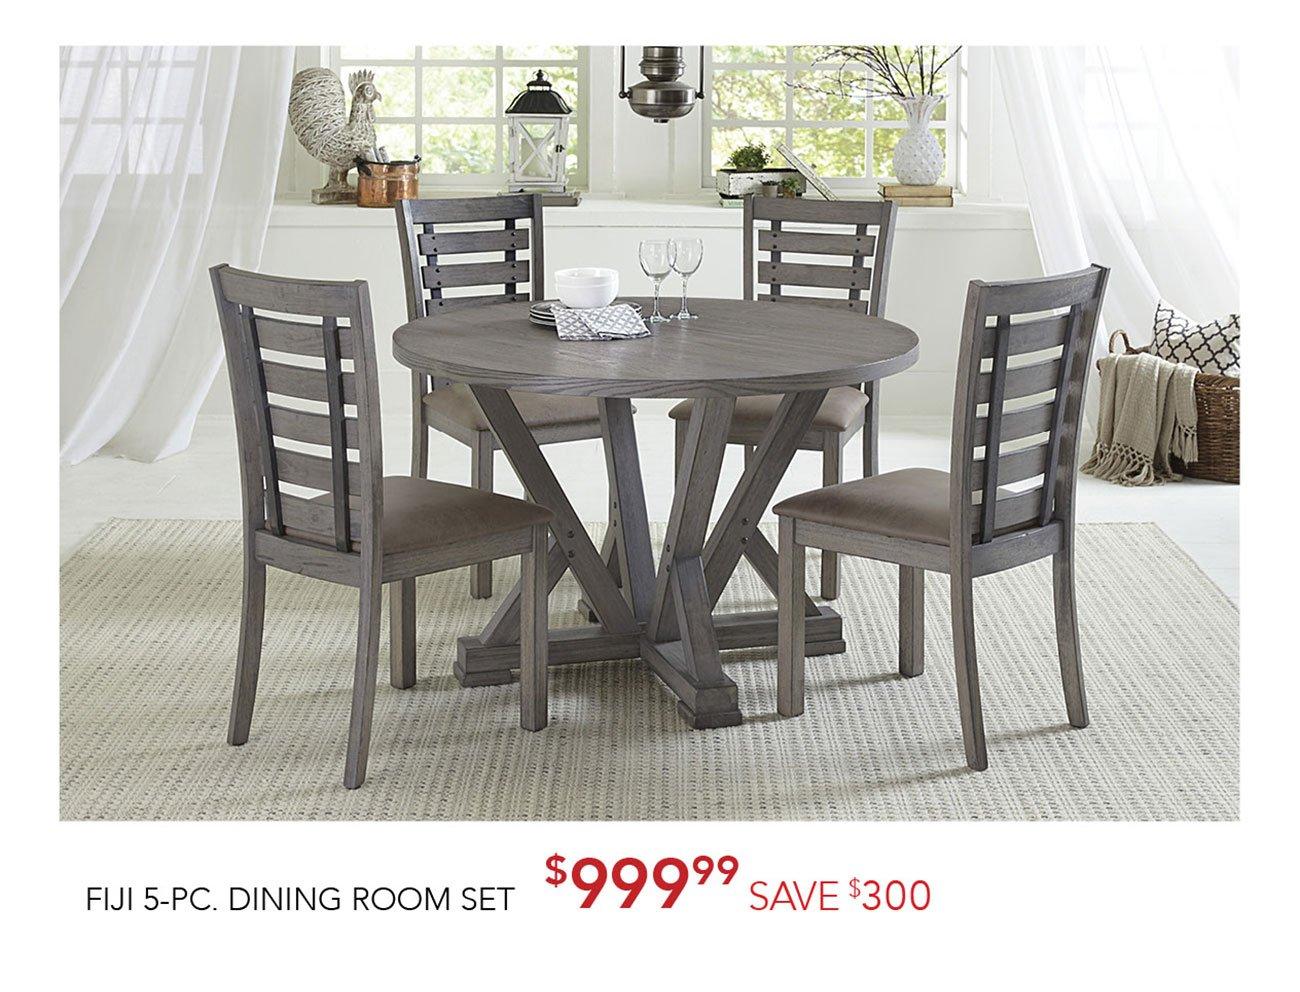 Fiji-dining-room-set